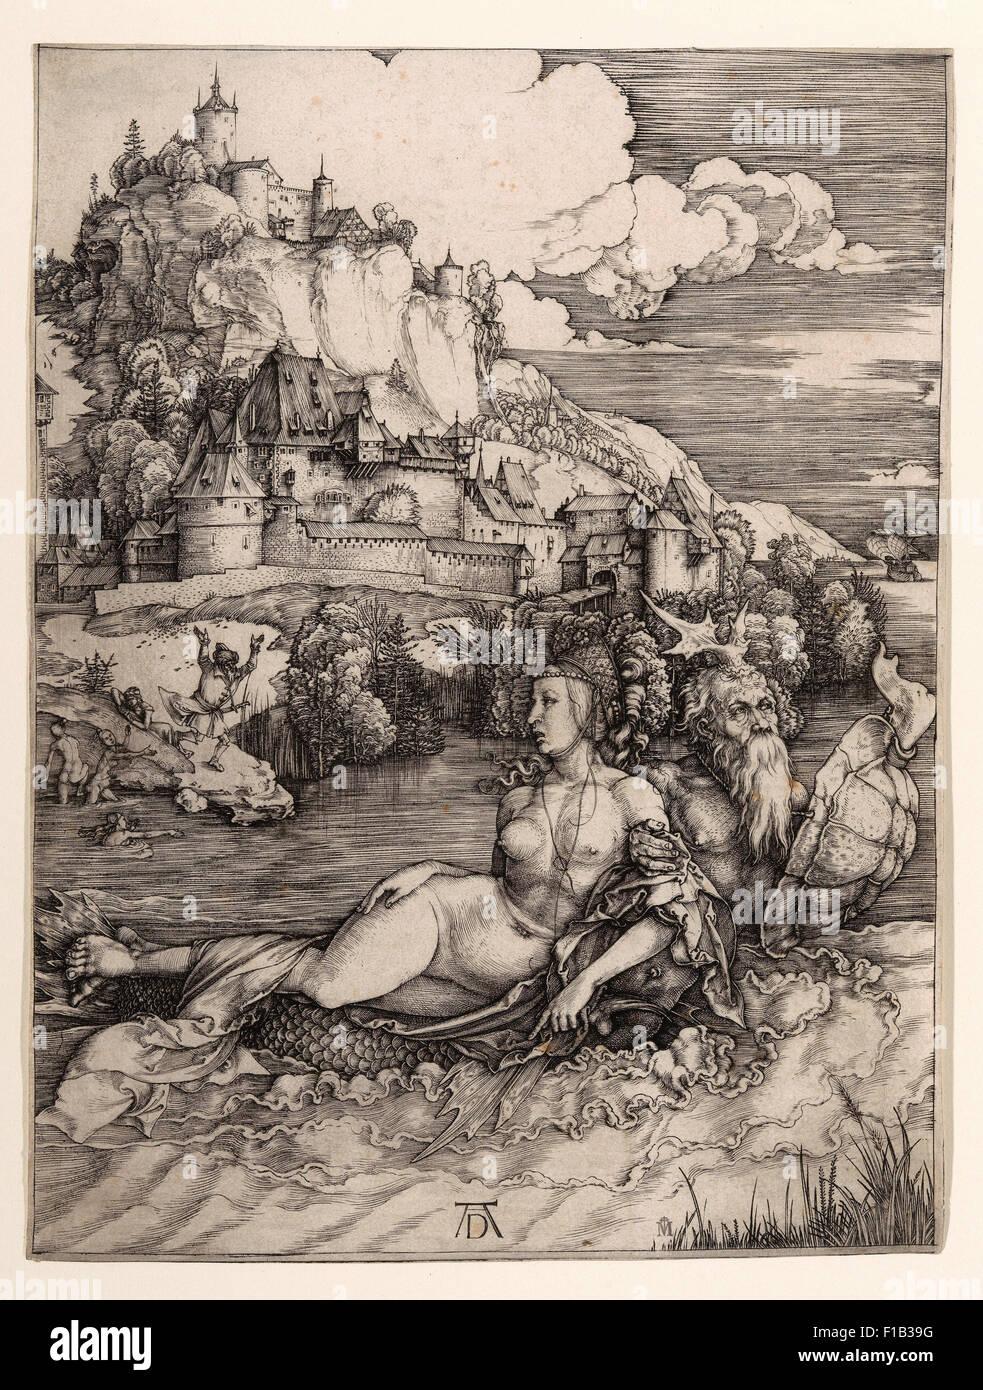 Albrecht Dürer - The Sea Monster (Das Meerwunder) - Stock Image